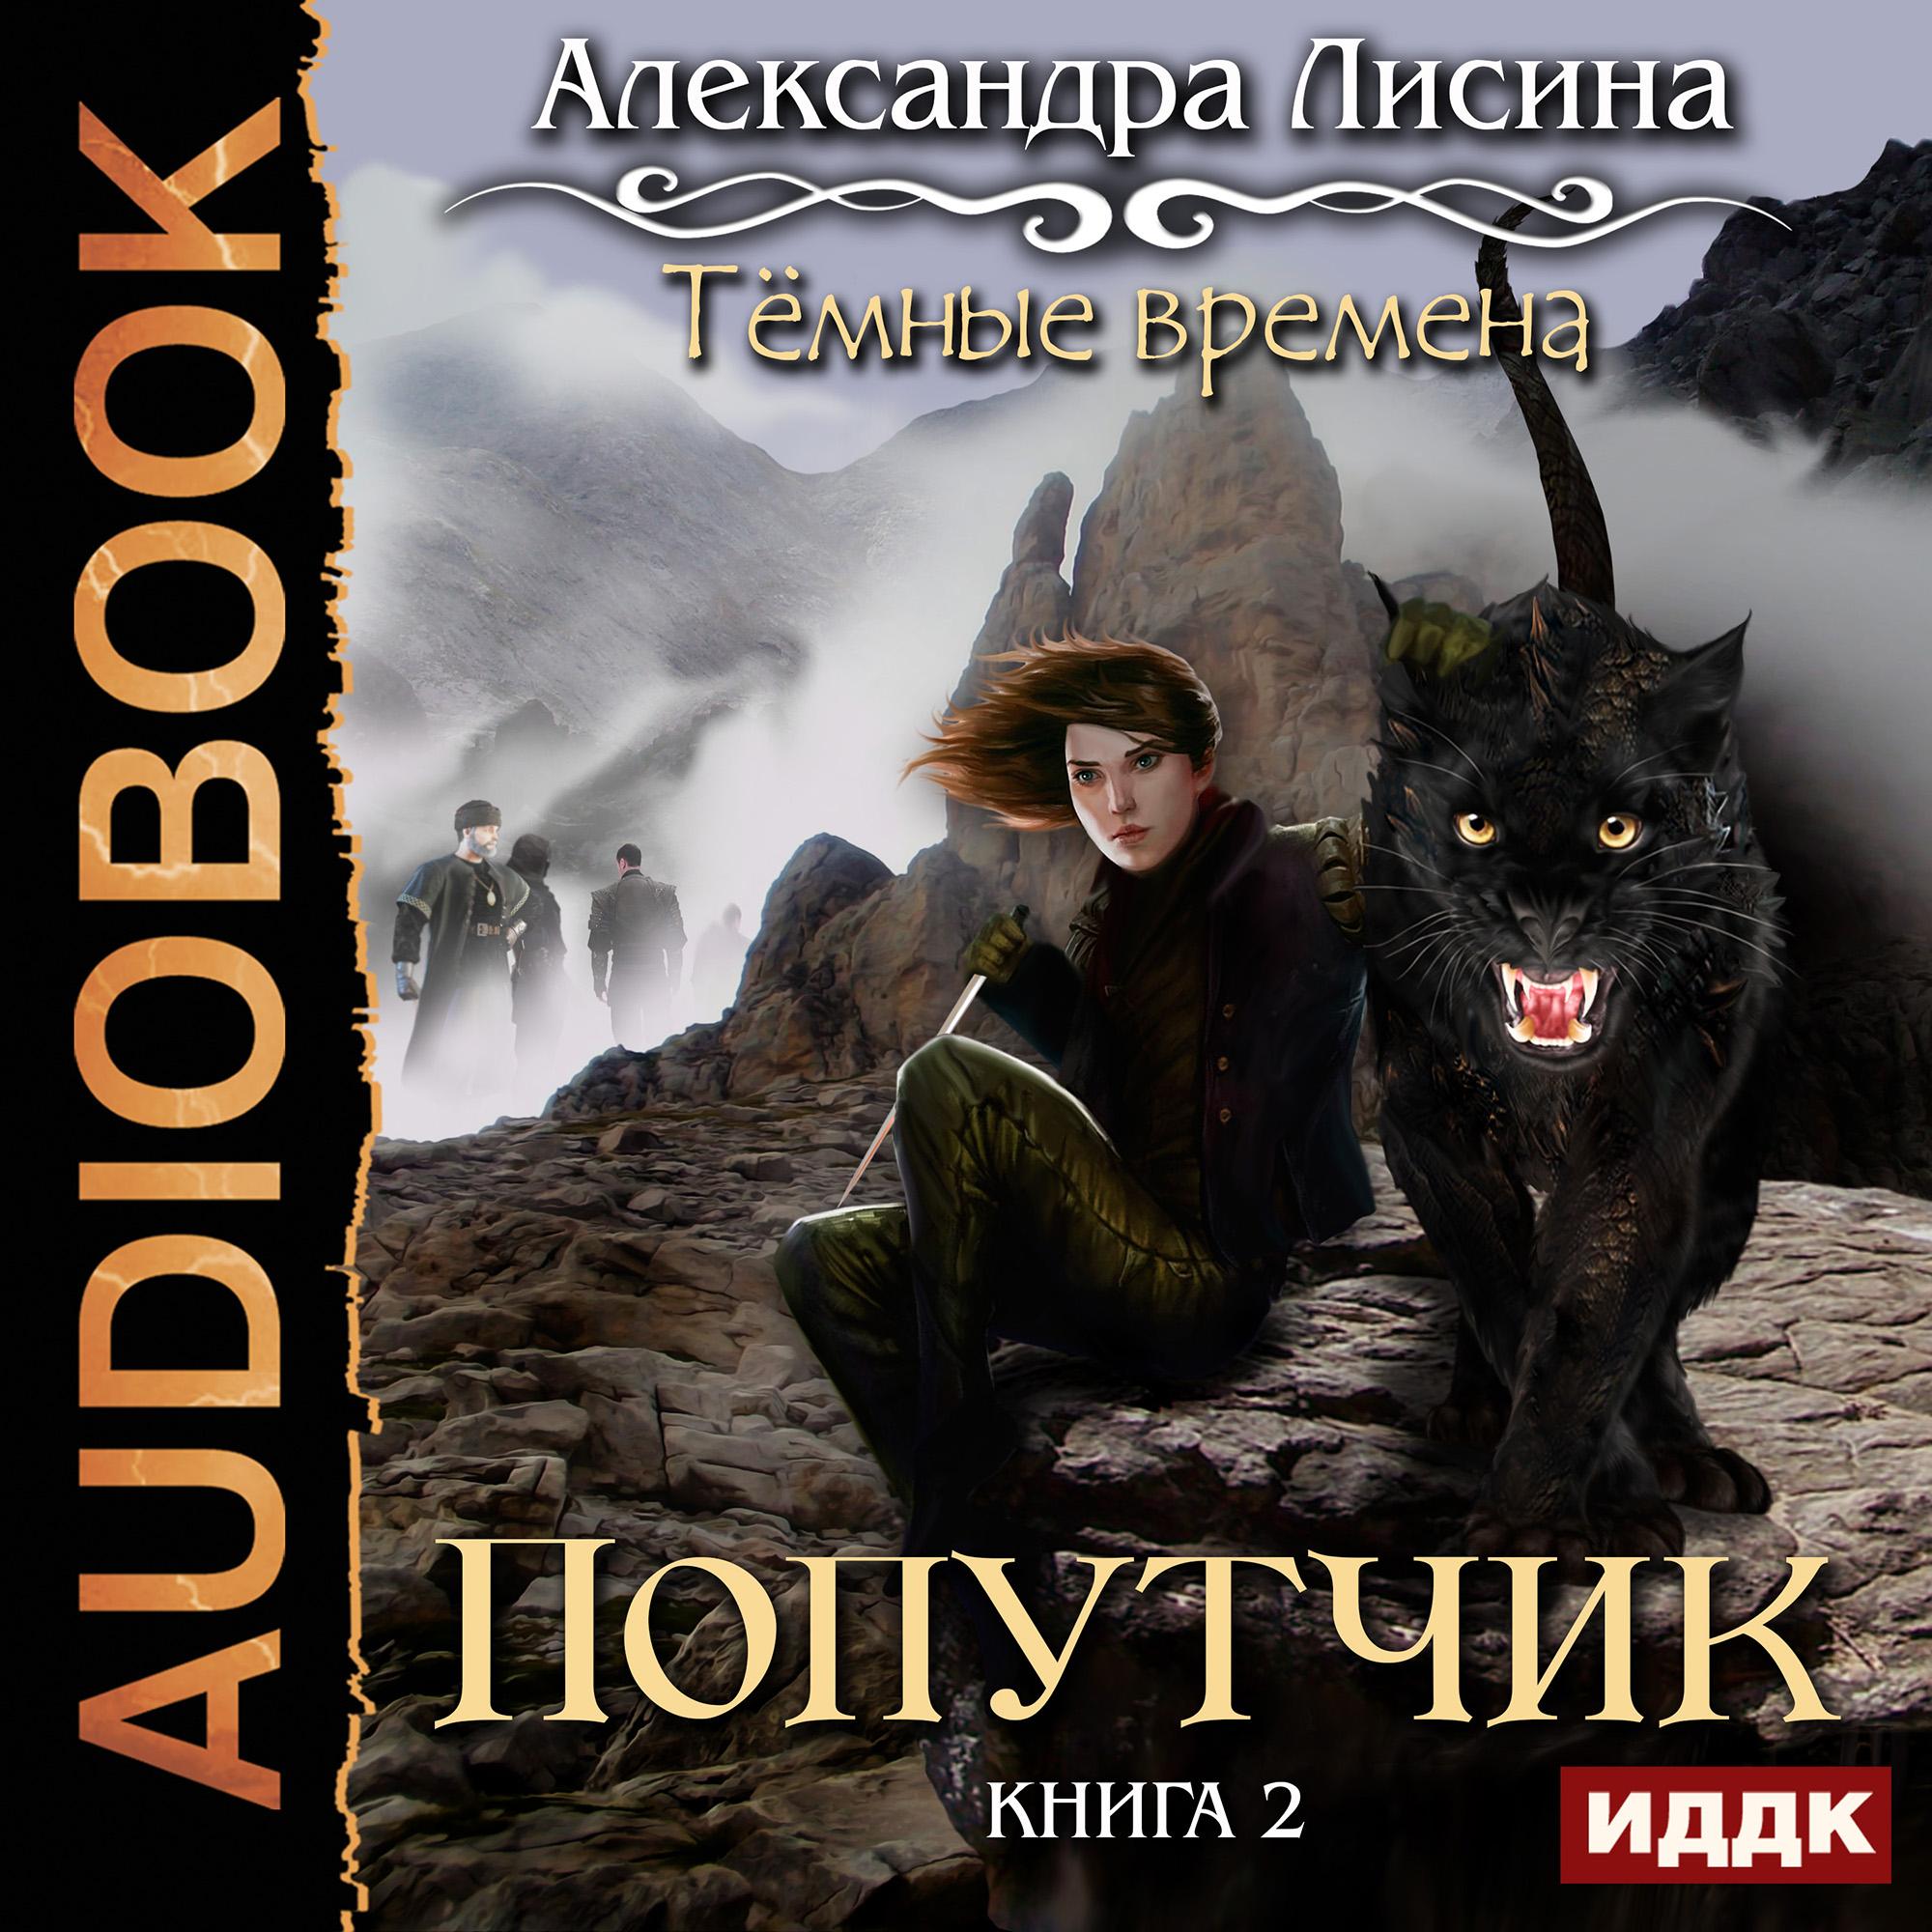 Лисина Александра Темные времена: Попутчик. Книга 2 (цифровая версия) (Цифровая версия)